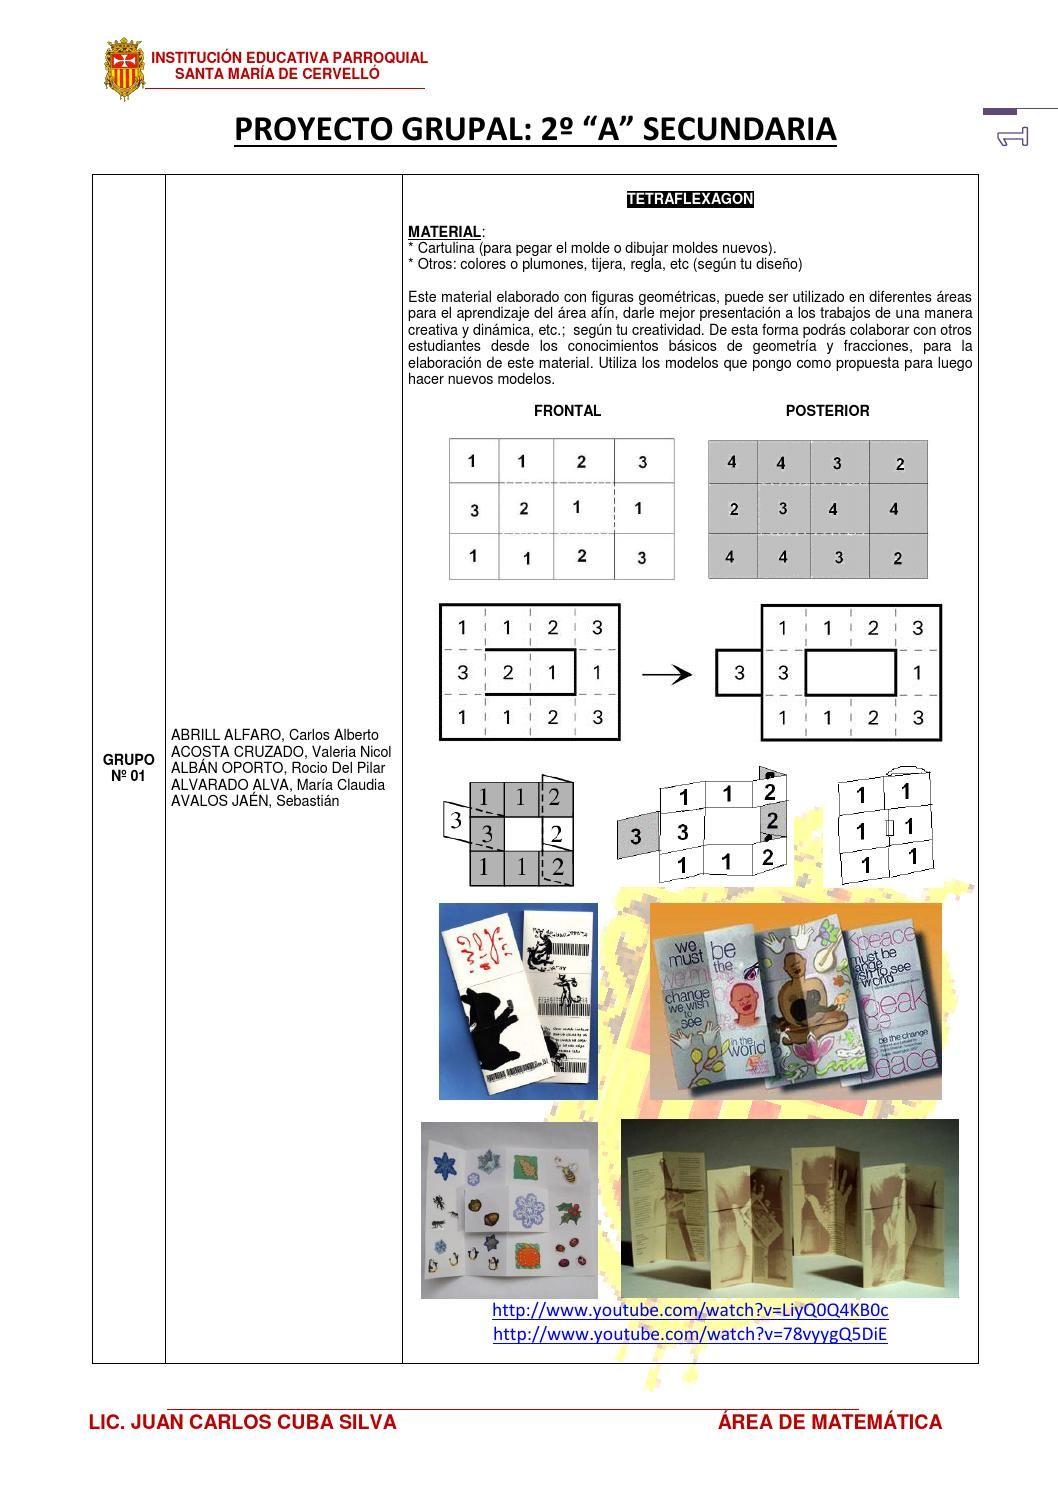 Materiales Para Proyecto De Matematica 2a Secundaria Proyectos De Matemáticas Matemáticas Para Secundaria Matematicas